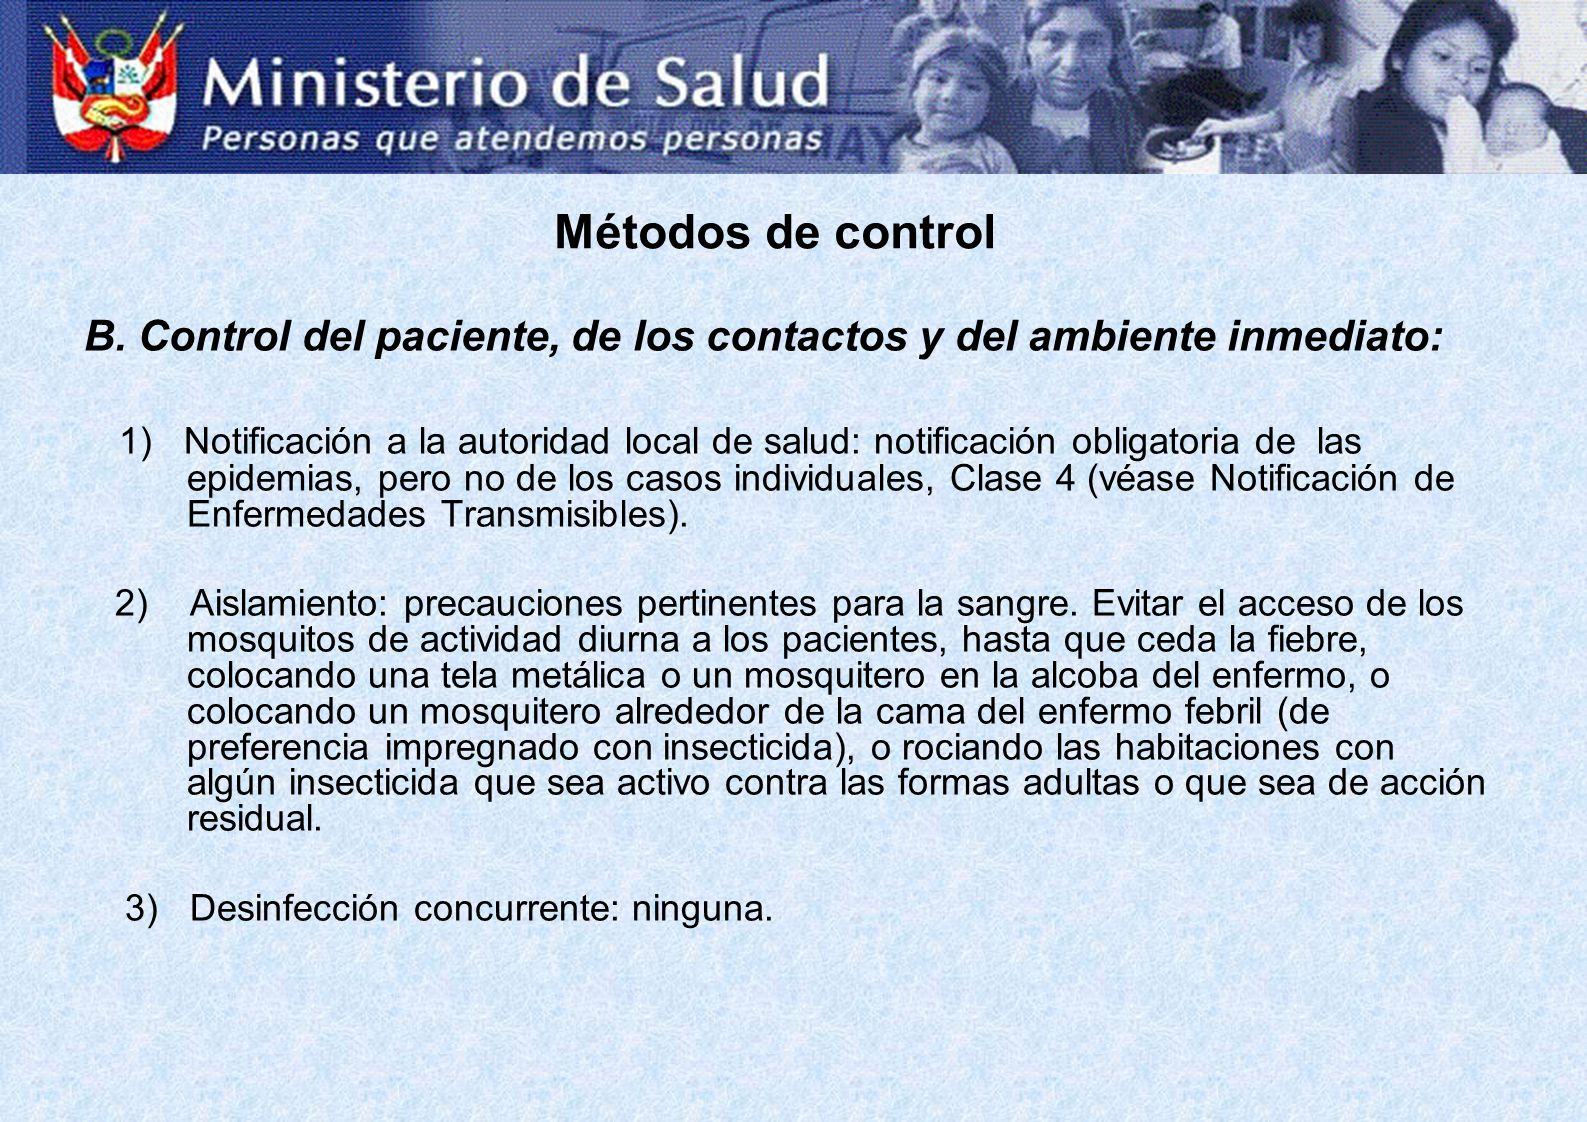 Métodos de control B. Control del paciente, de los contactos y del ambiente inmediato: